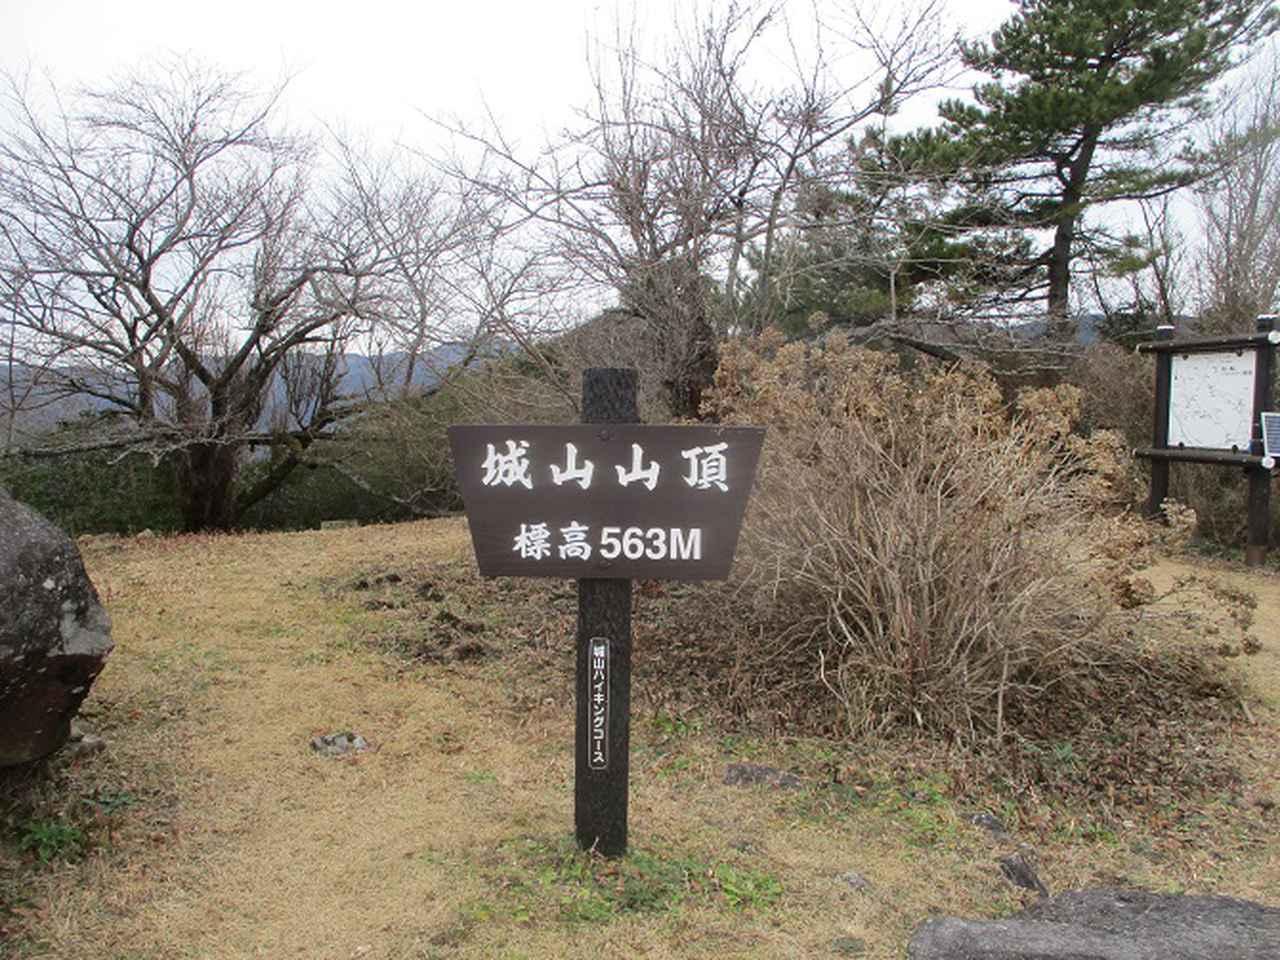 画像10: 2月の山旅会 湯河原城山 の下見に行ってきました!